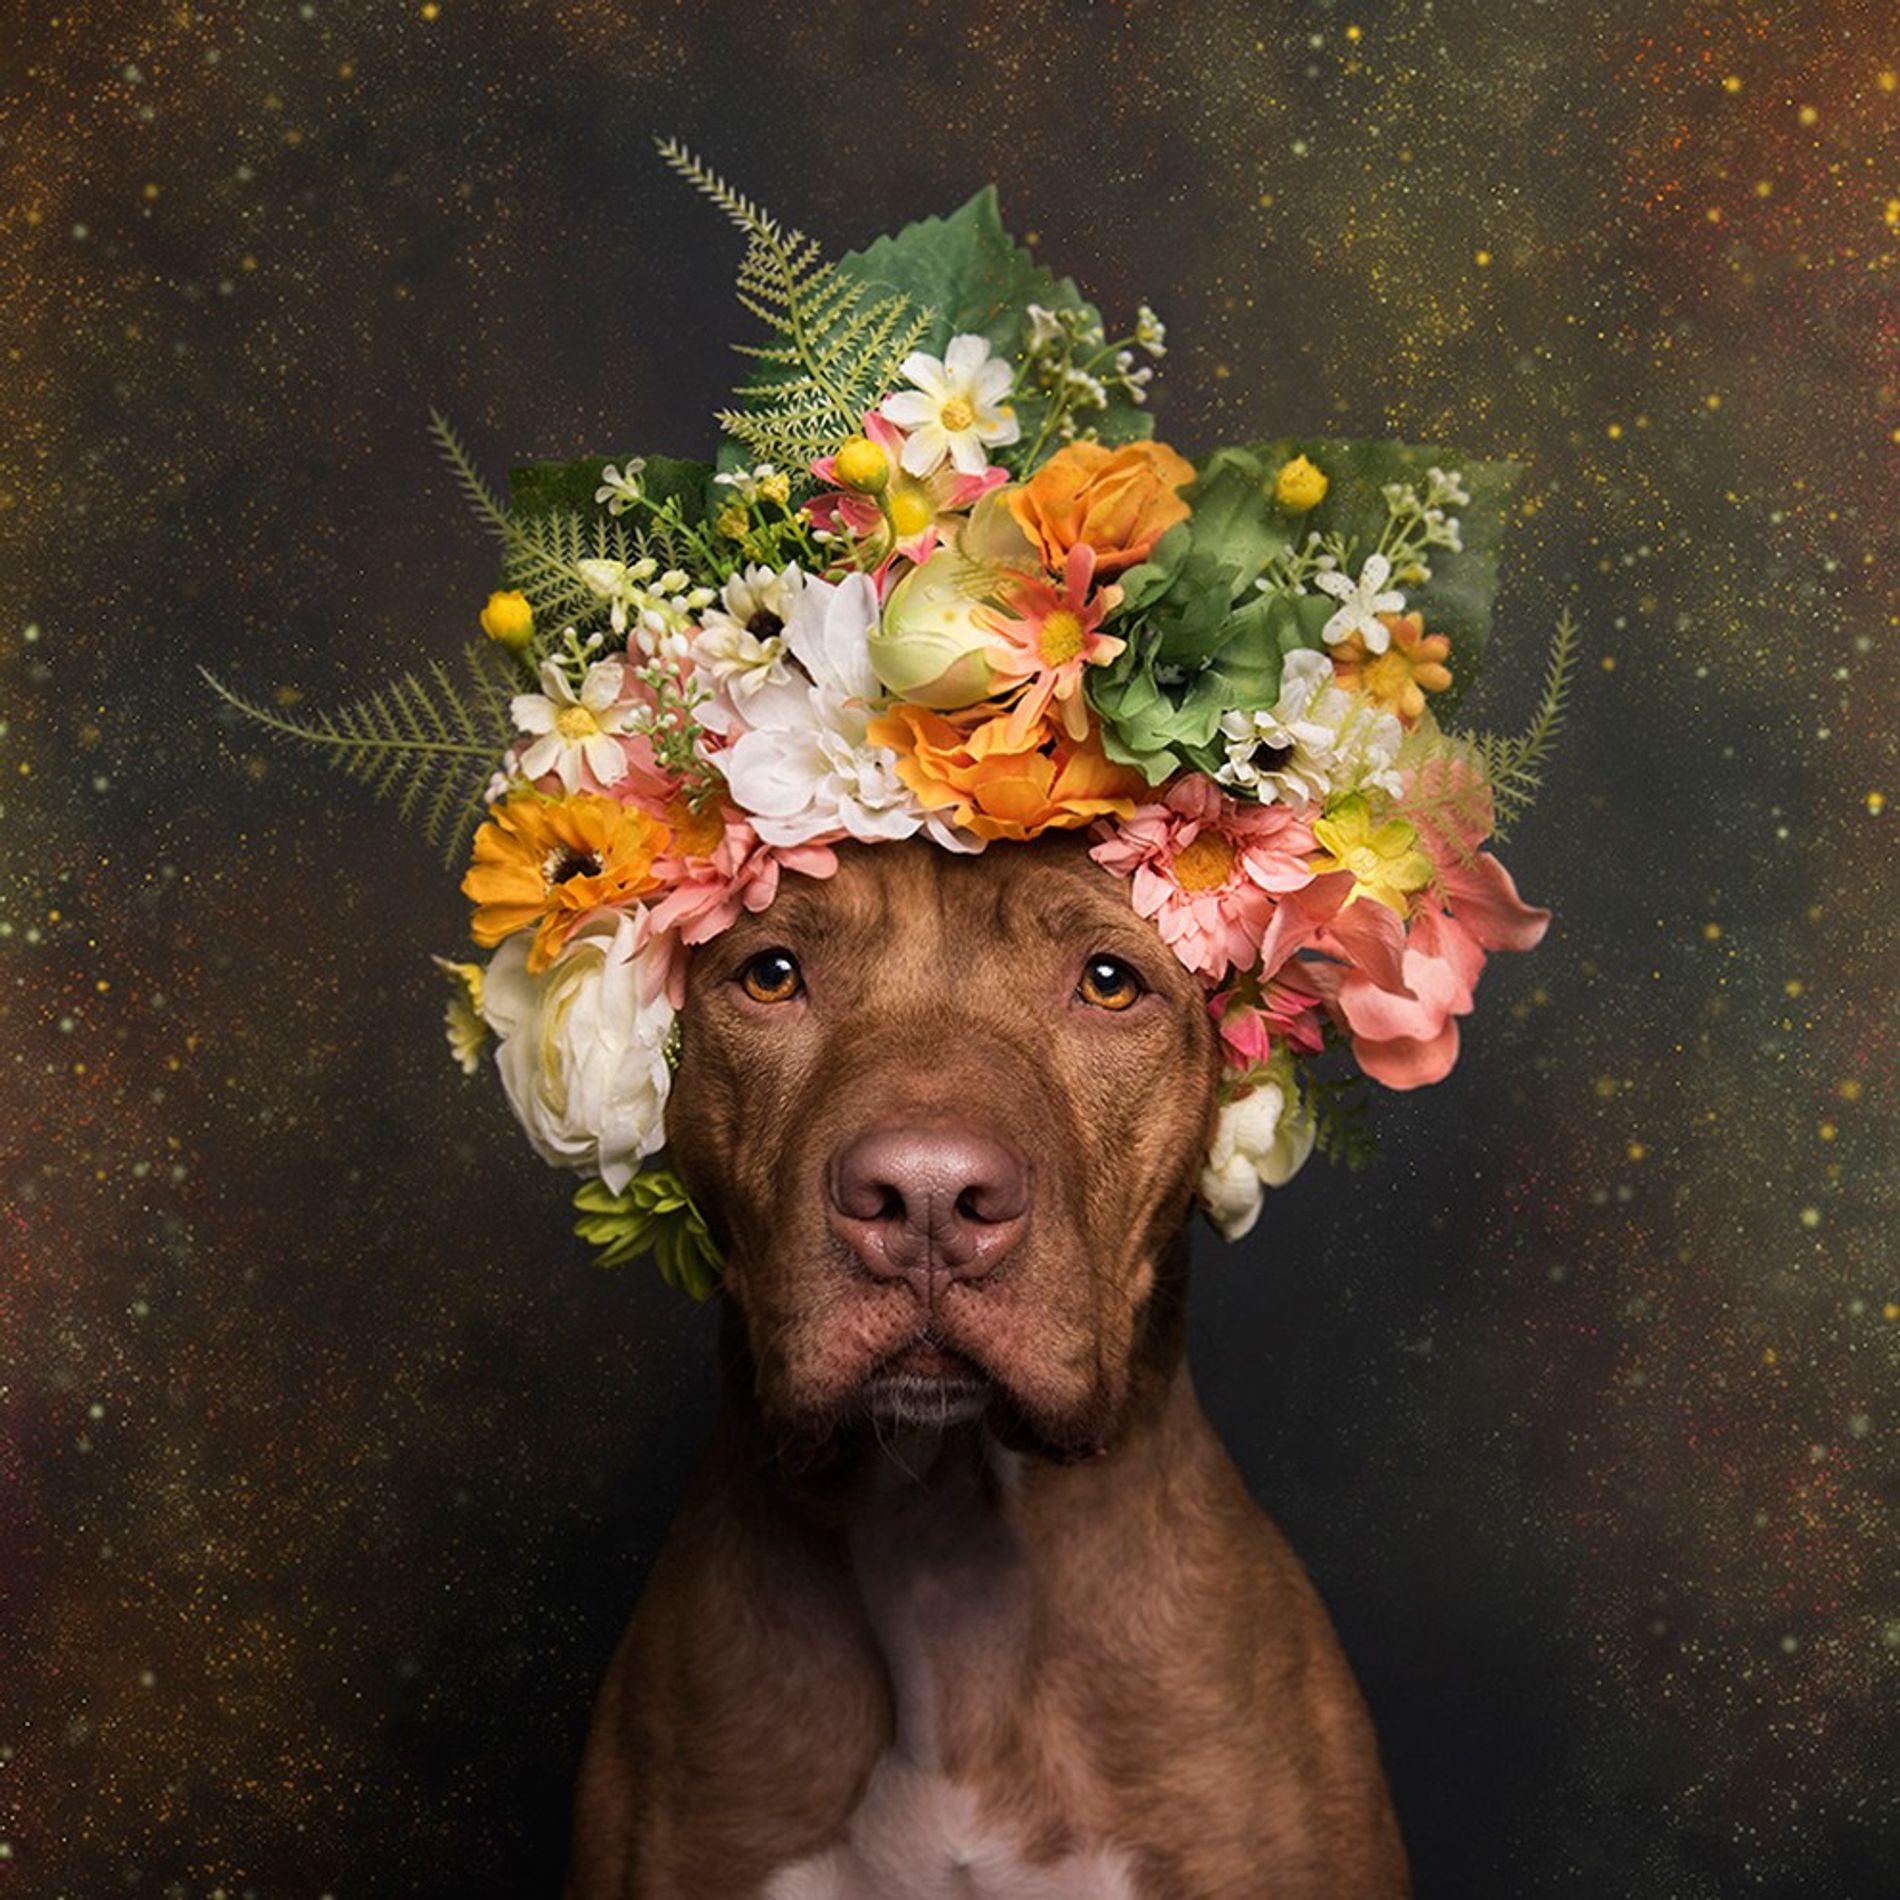 Rodger kann aus dem  Almost Home Animal Shelter in Pennsauken, New Jersey, adoptiert werden.